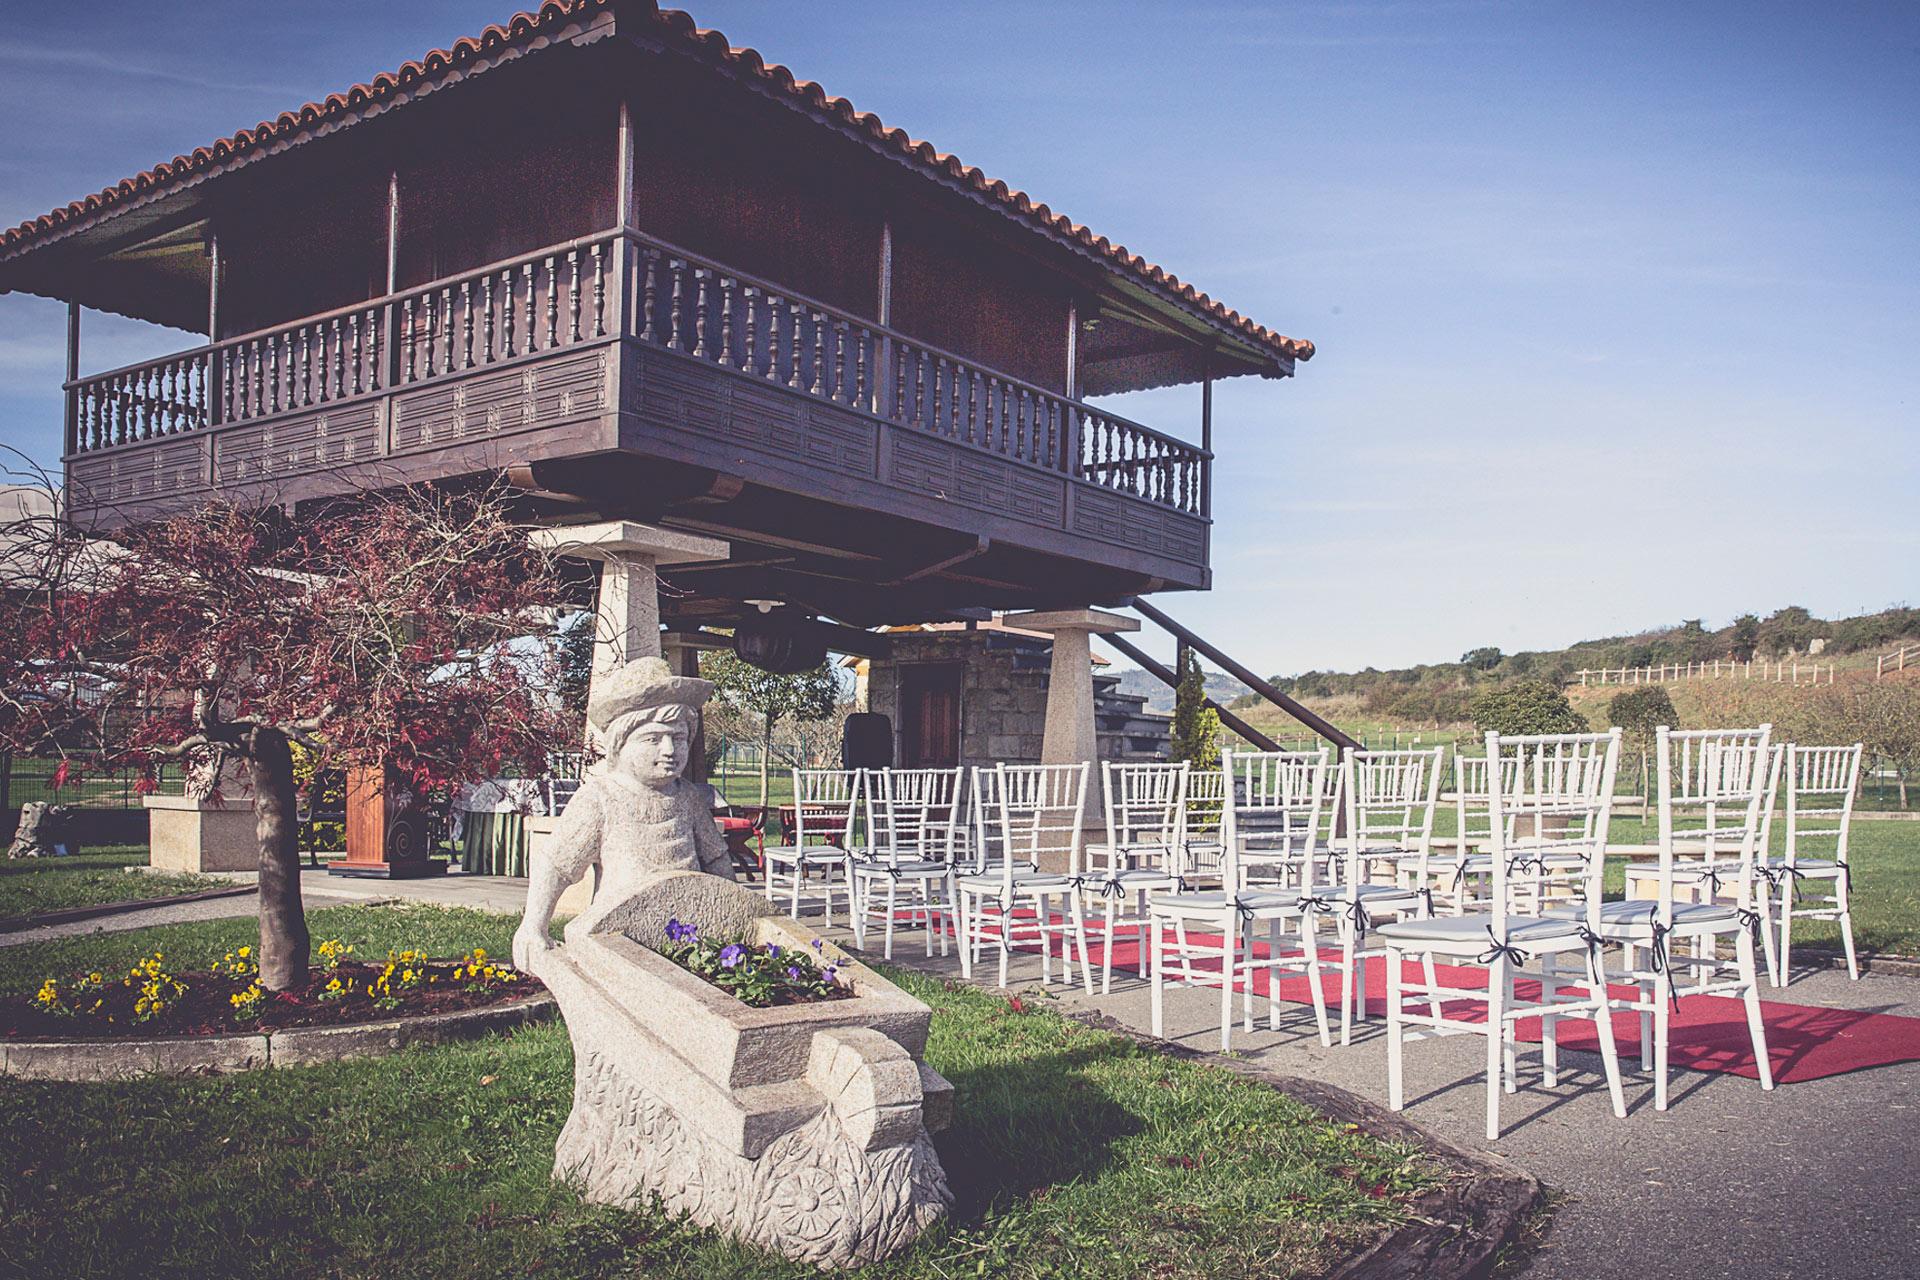 exterior restaurante jardines, horreo montado para ceremonia